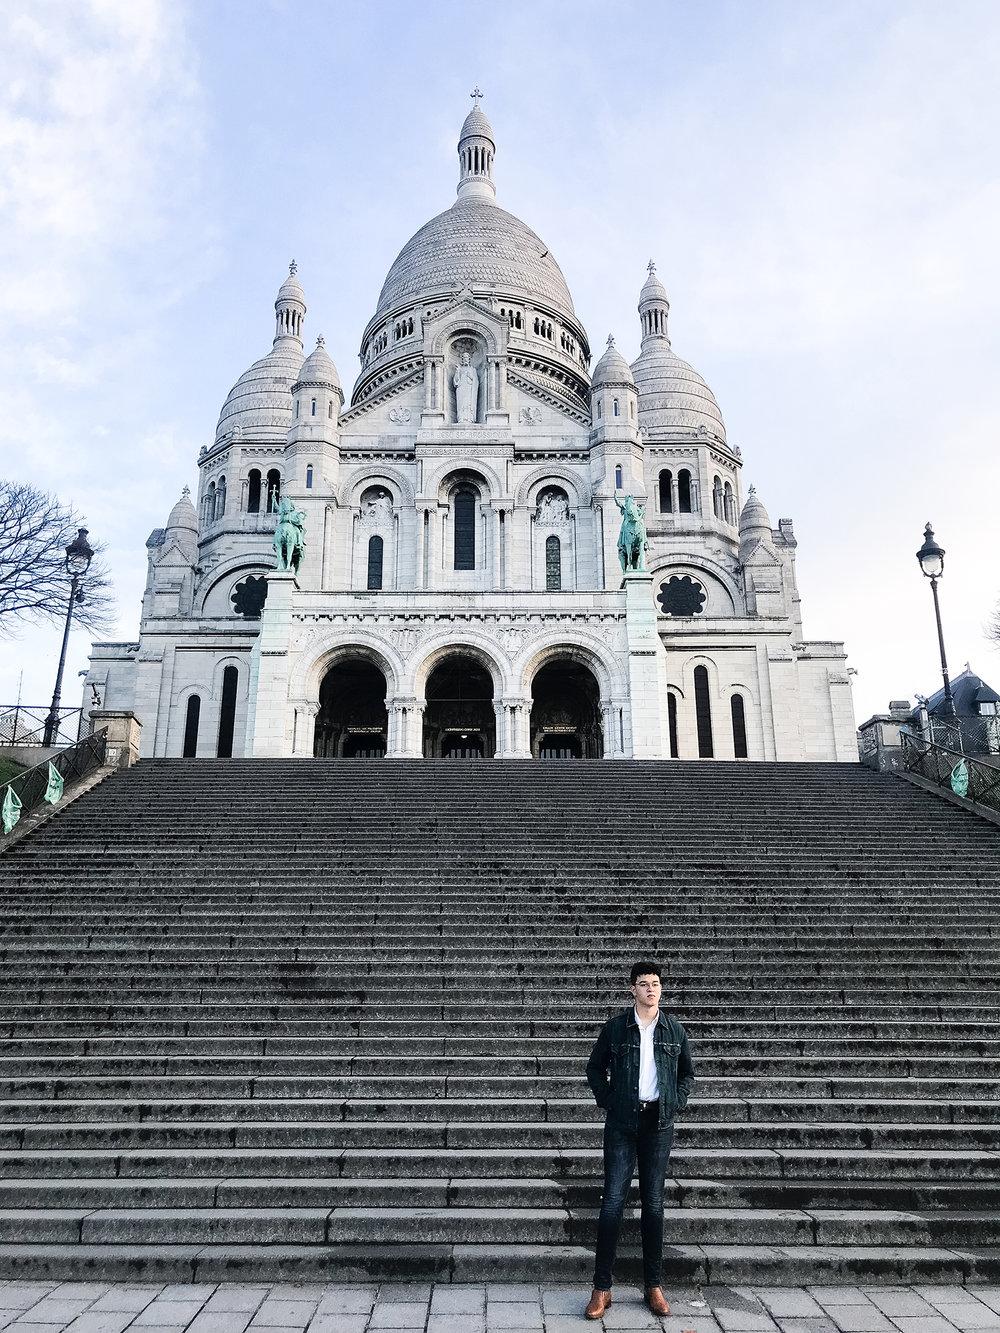 sheila-burgos-paris-Sacre-coeur.jpg